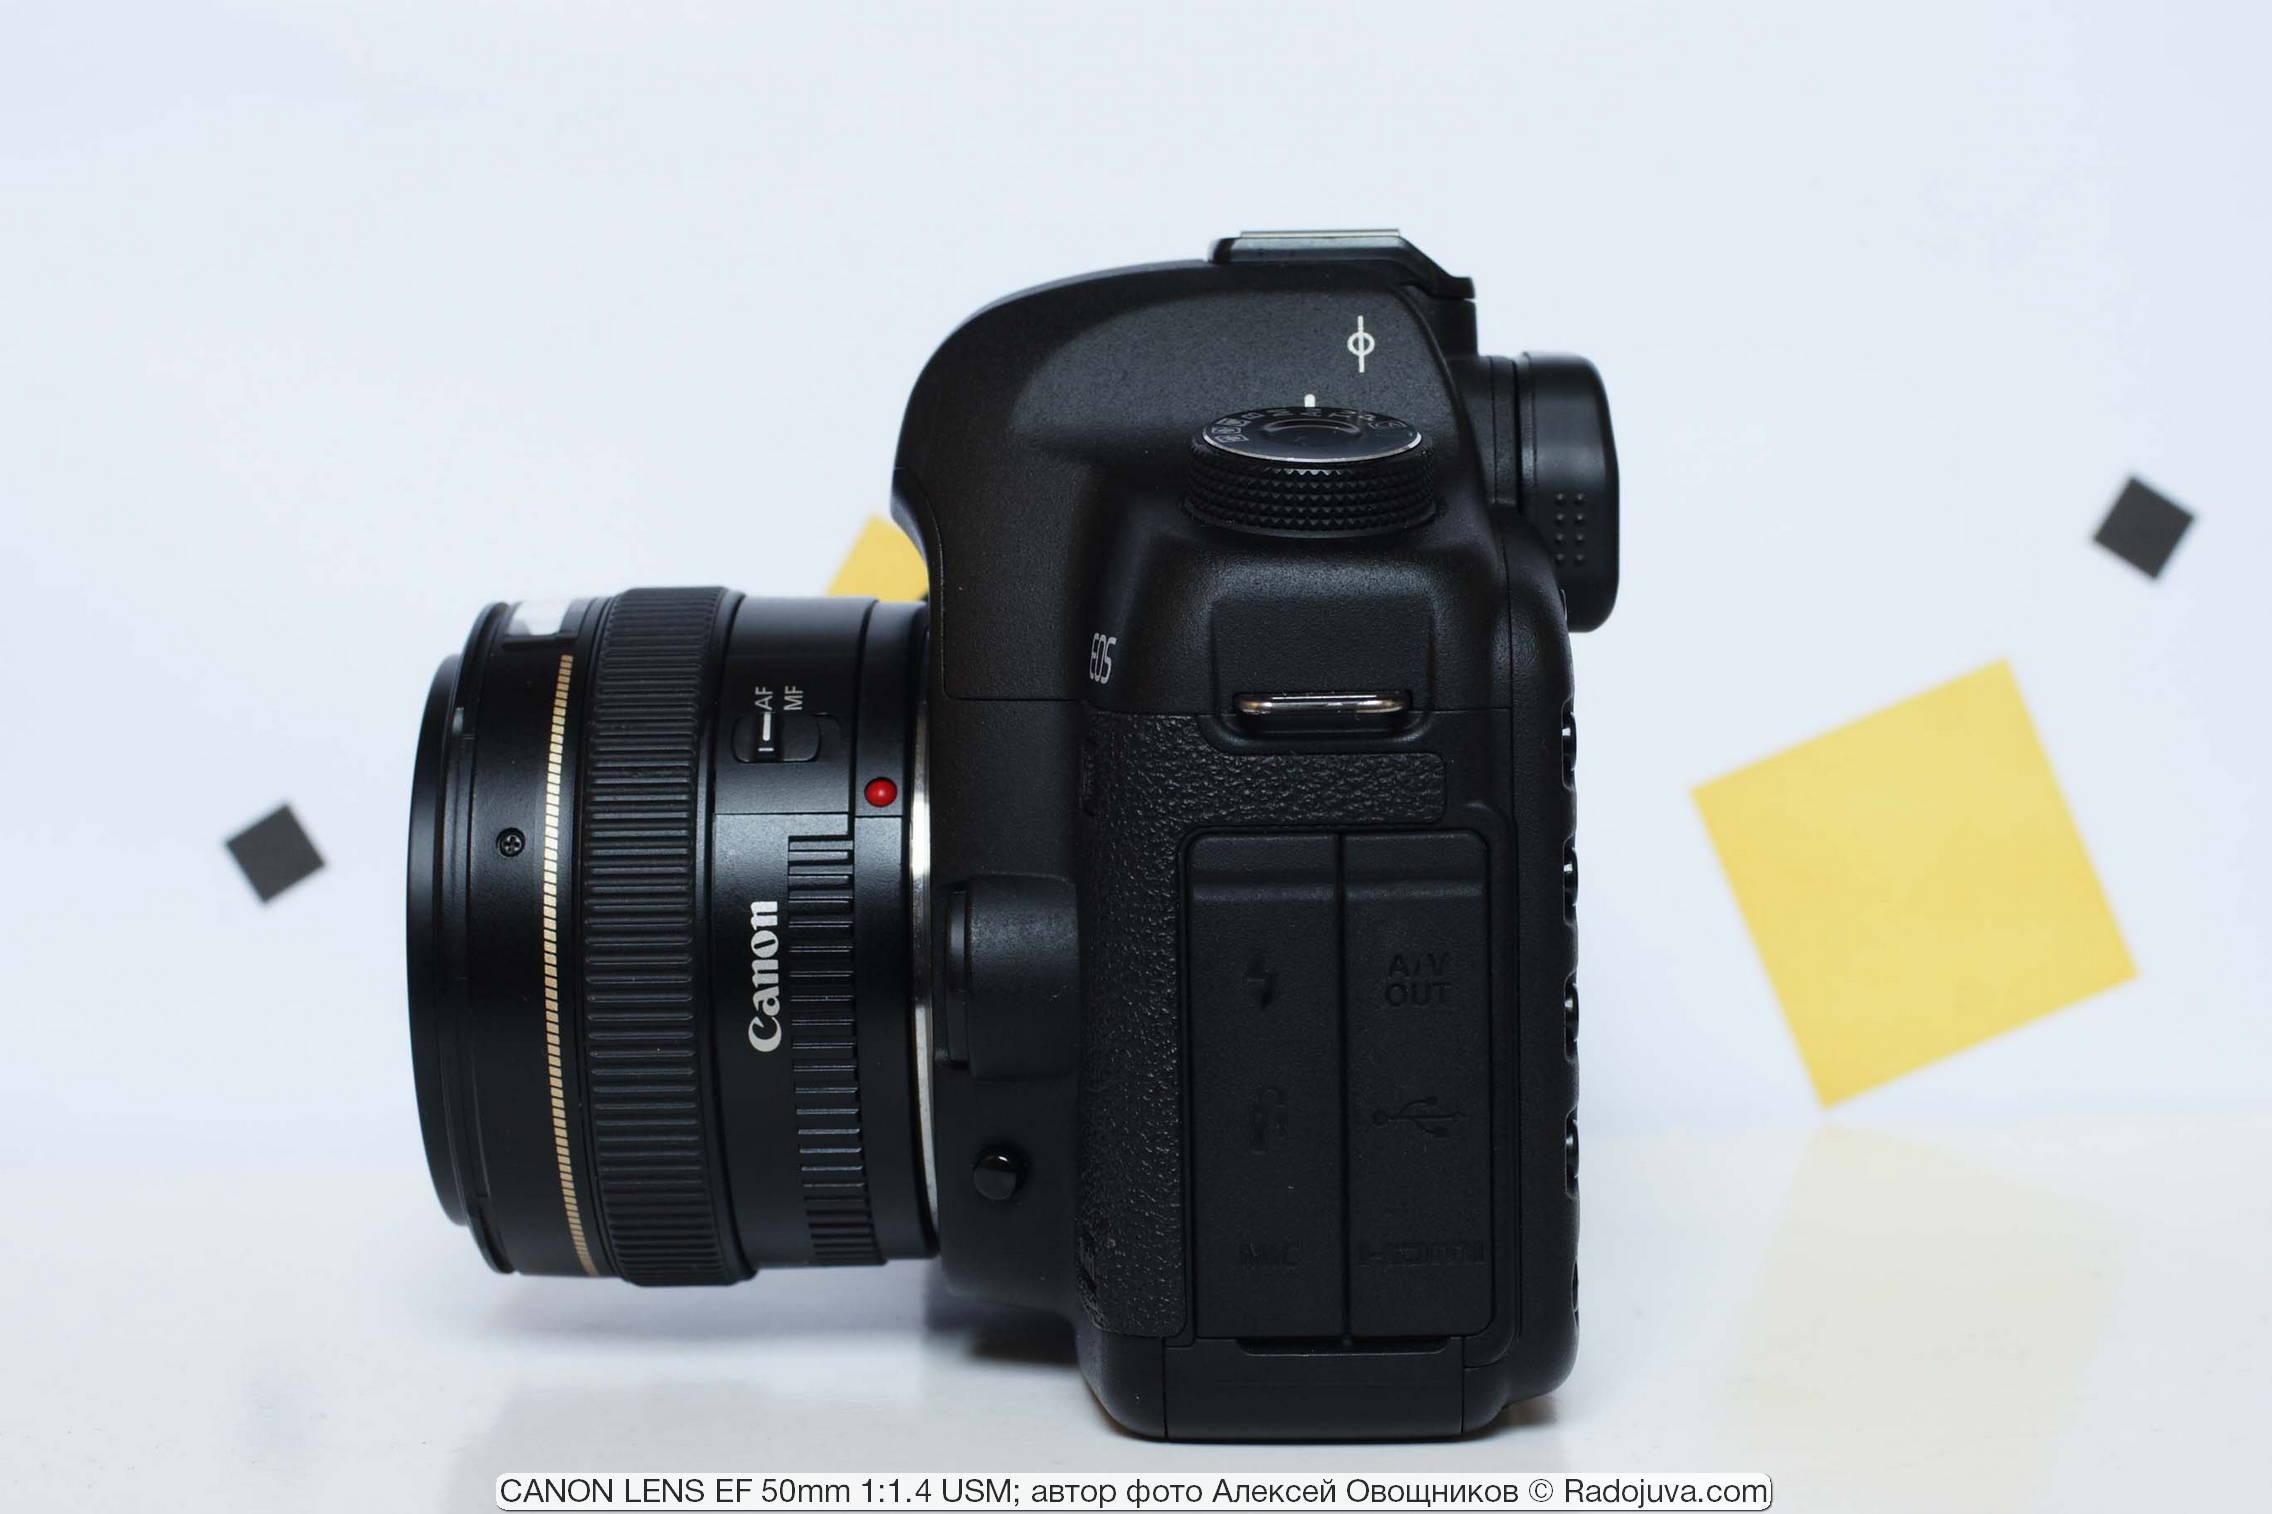 CANON LENS EF 50mm 1:1.4 USM